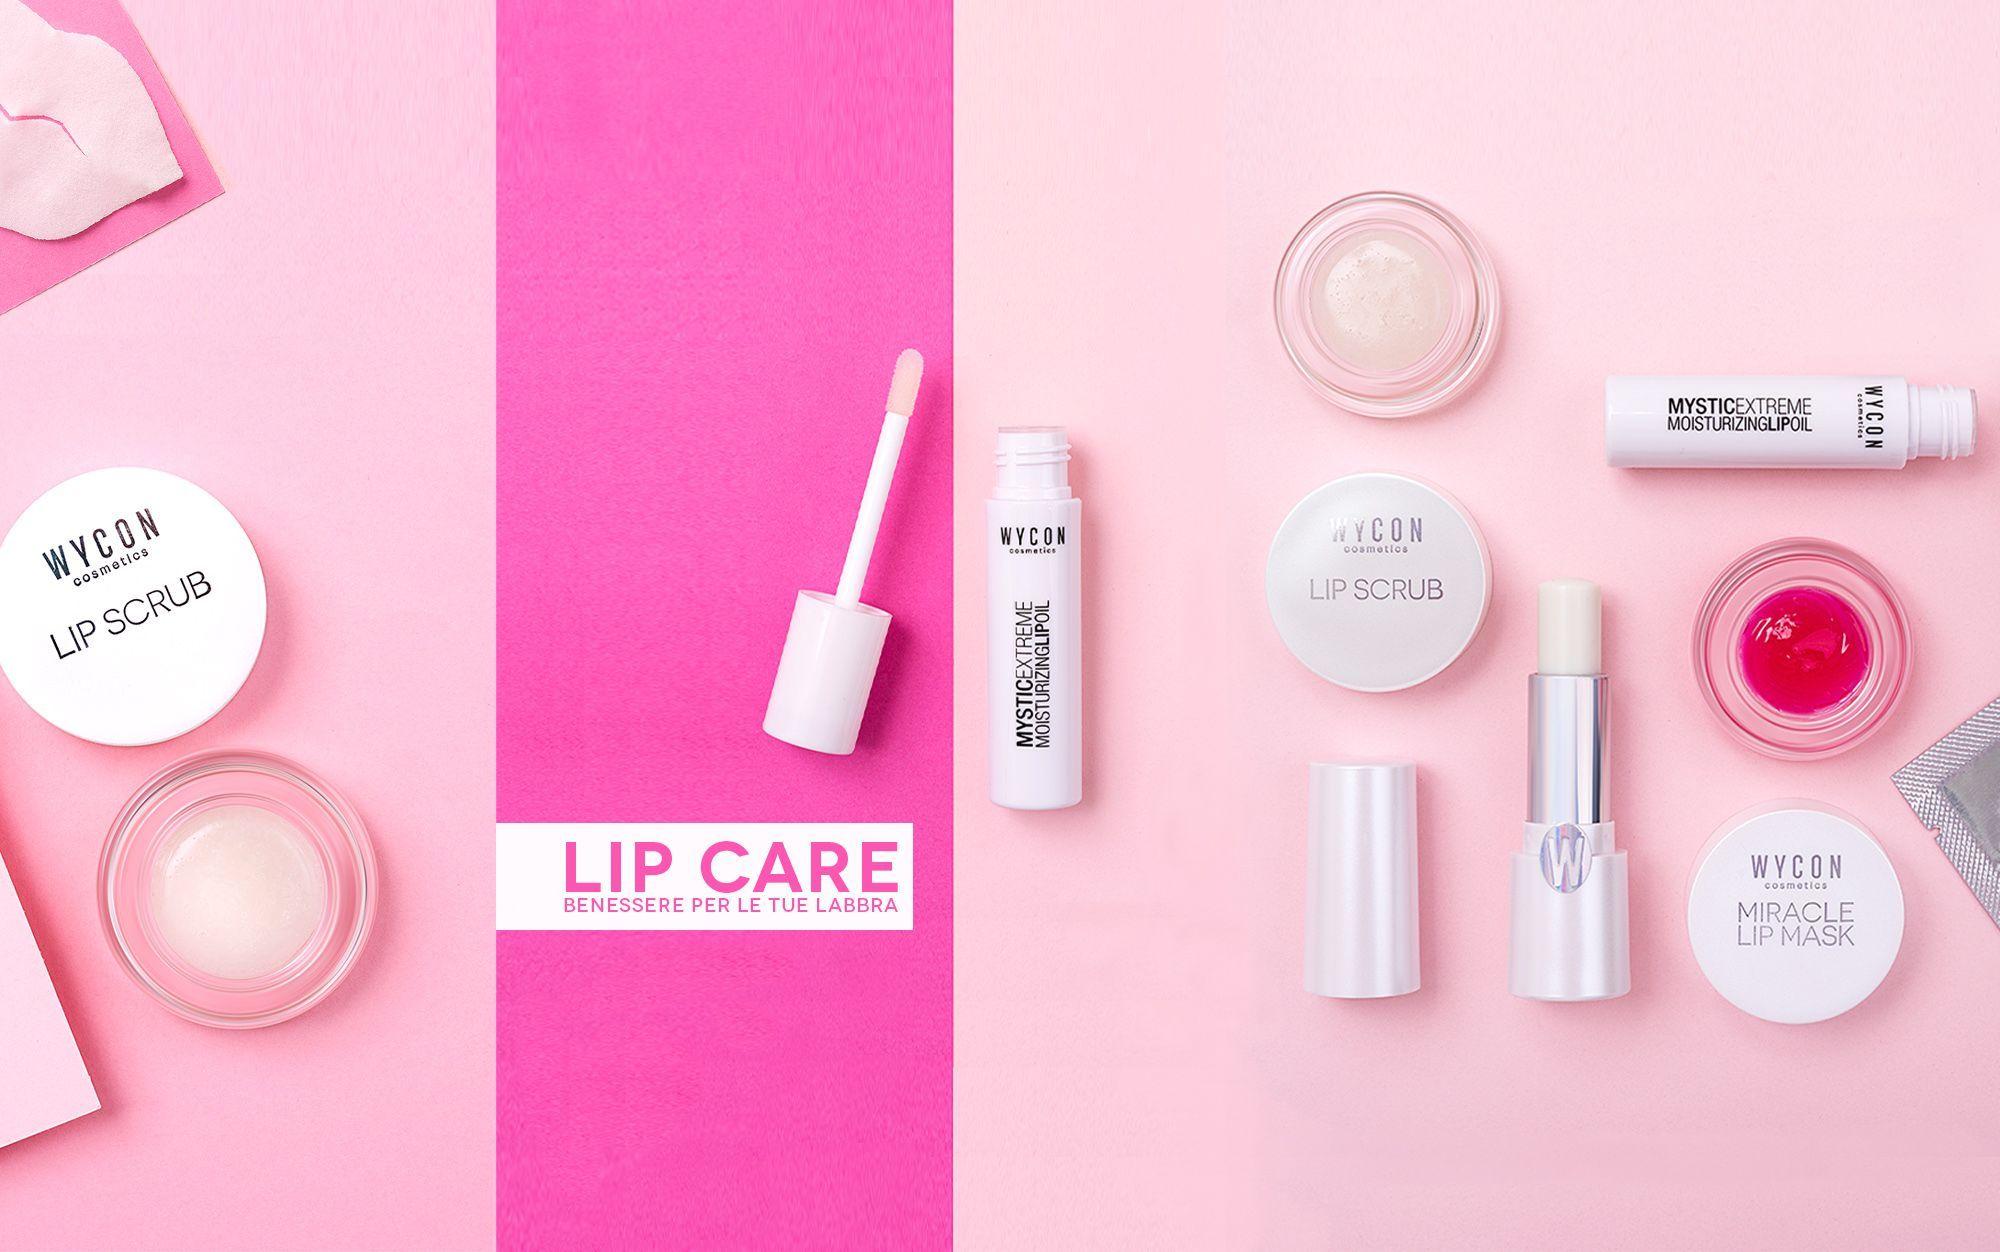 LIP CARE  benessere per le tue labbra